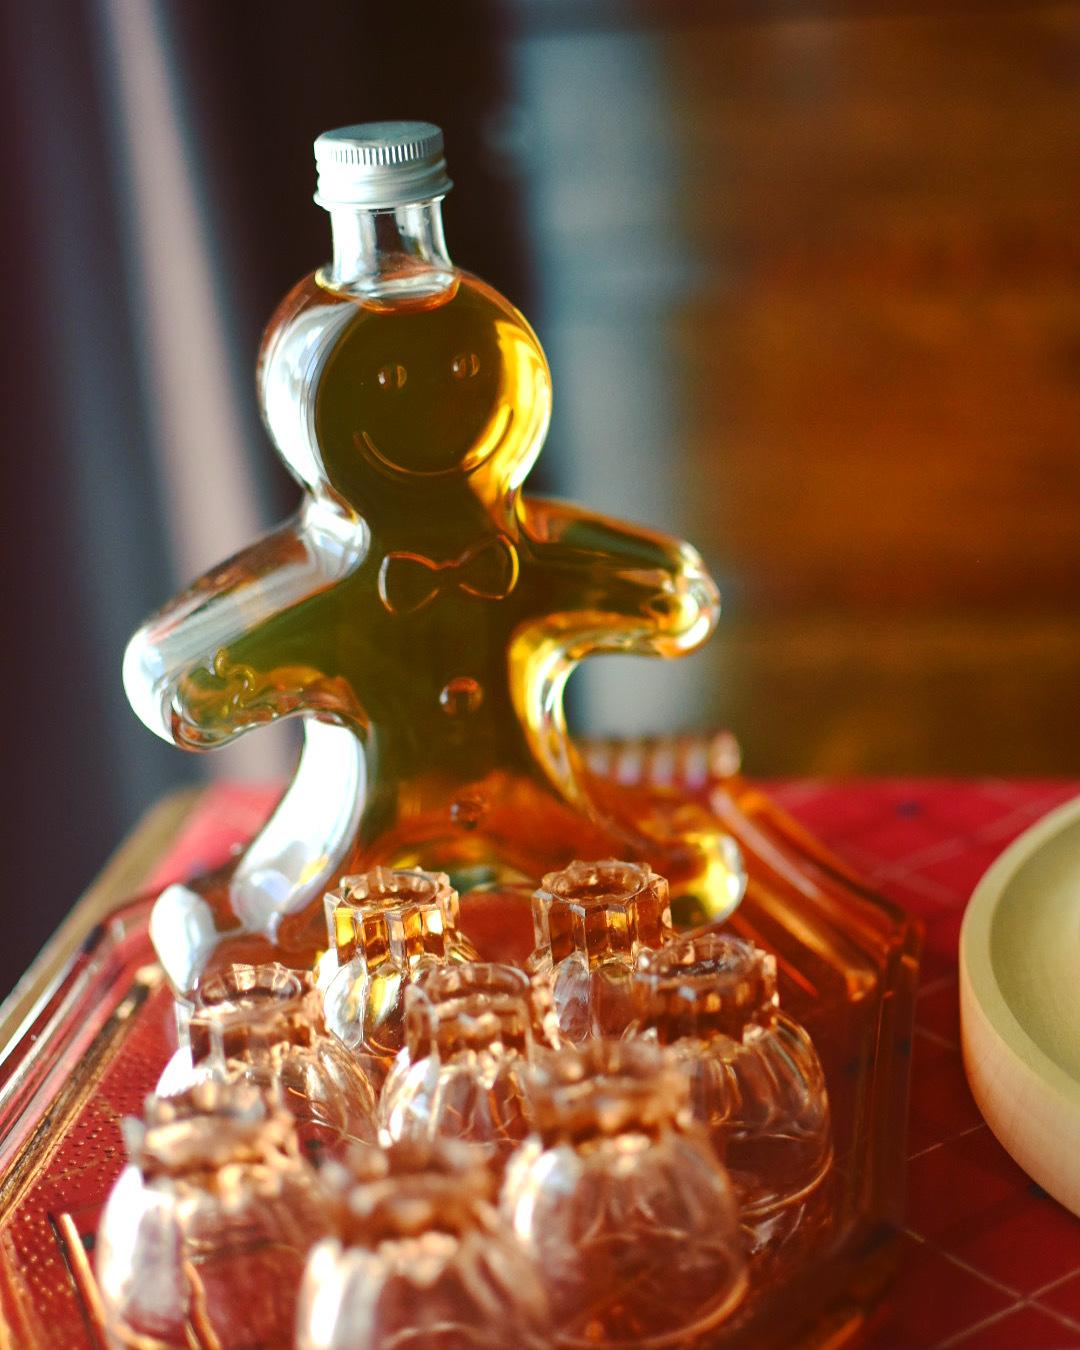 アルザス料理とおいしいお土産 スペシャルレッスン風景_a0100596_10310379.jpeg